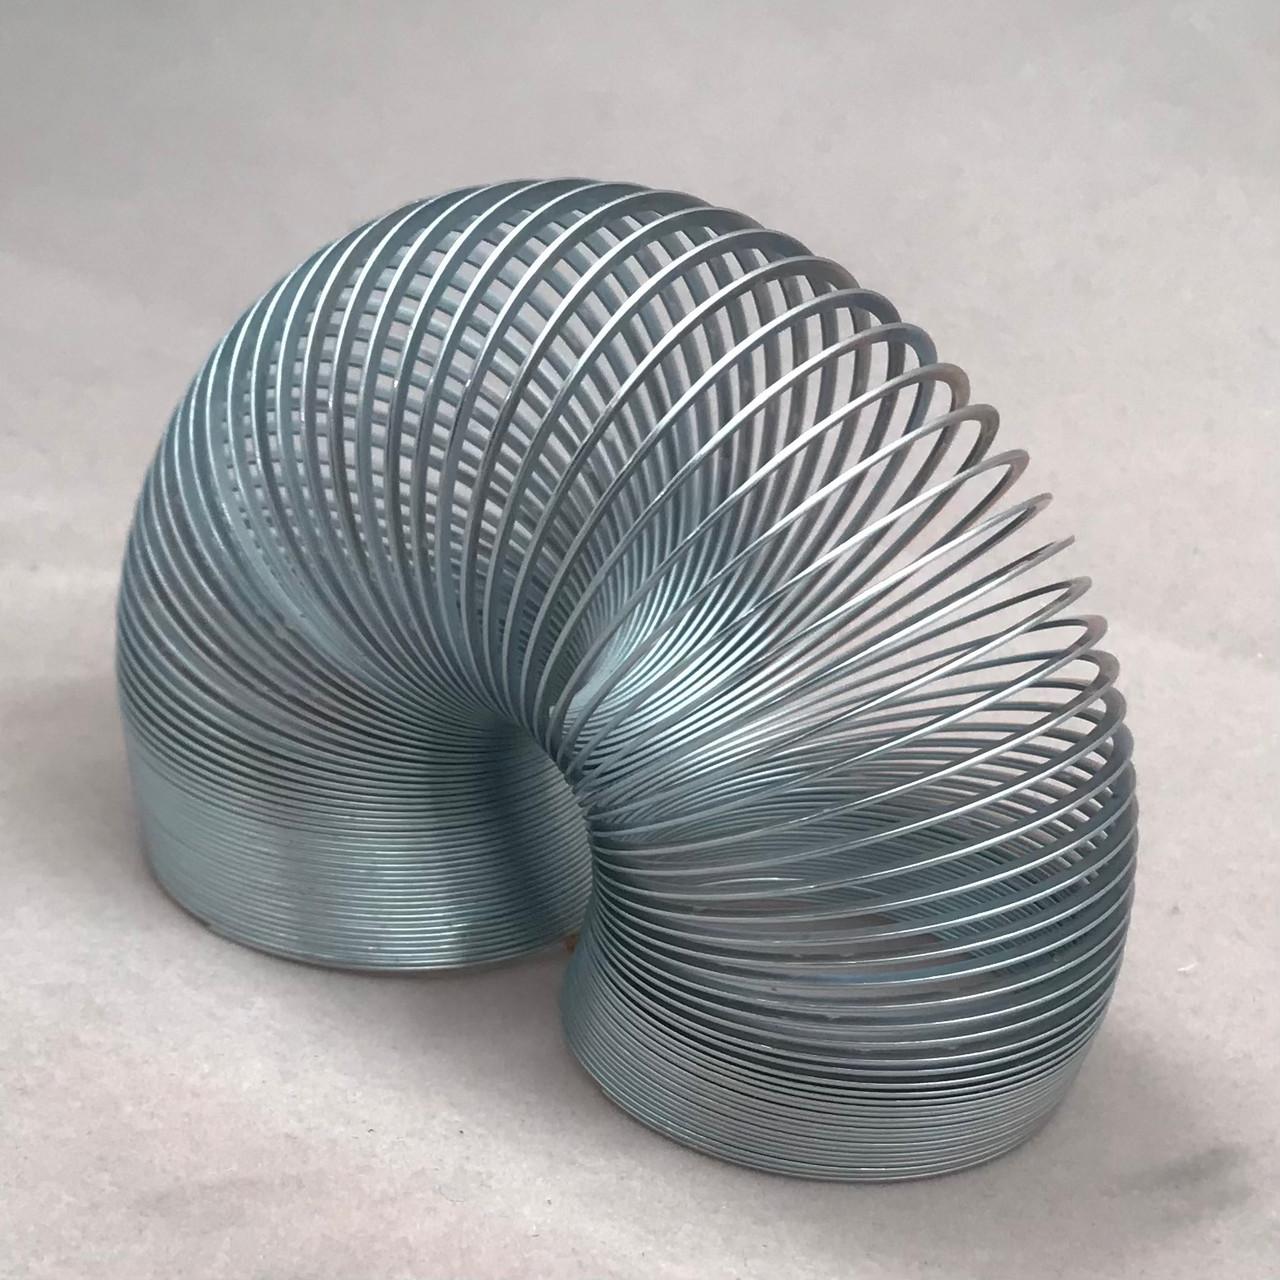 Metal Coil Spring Slinky, 50mm